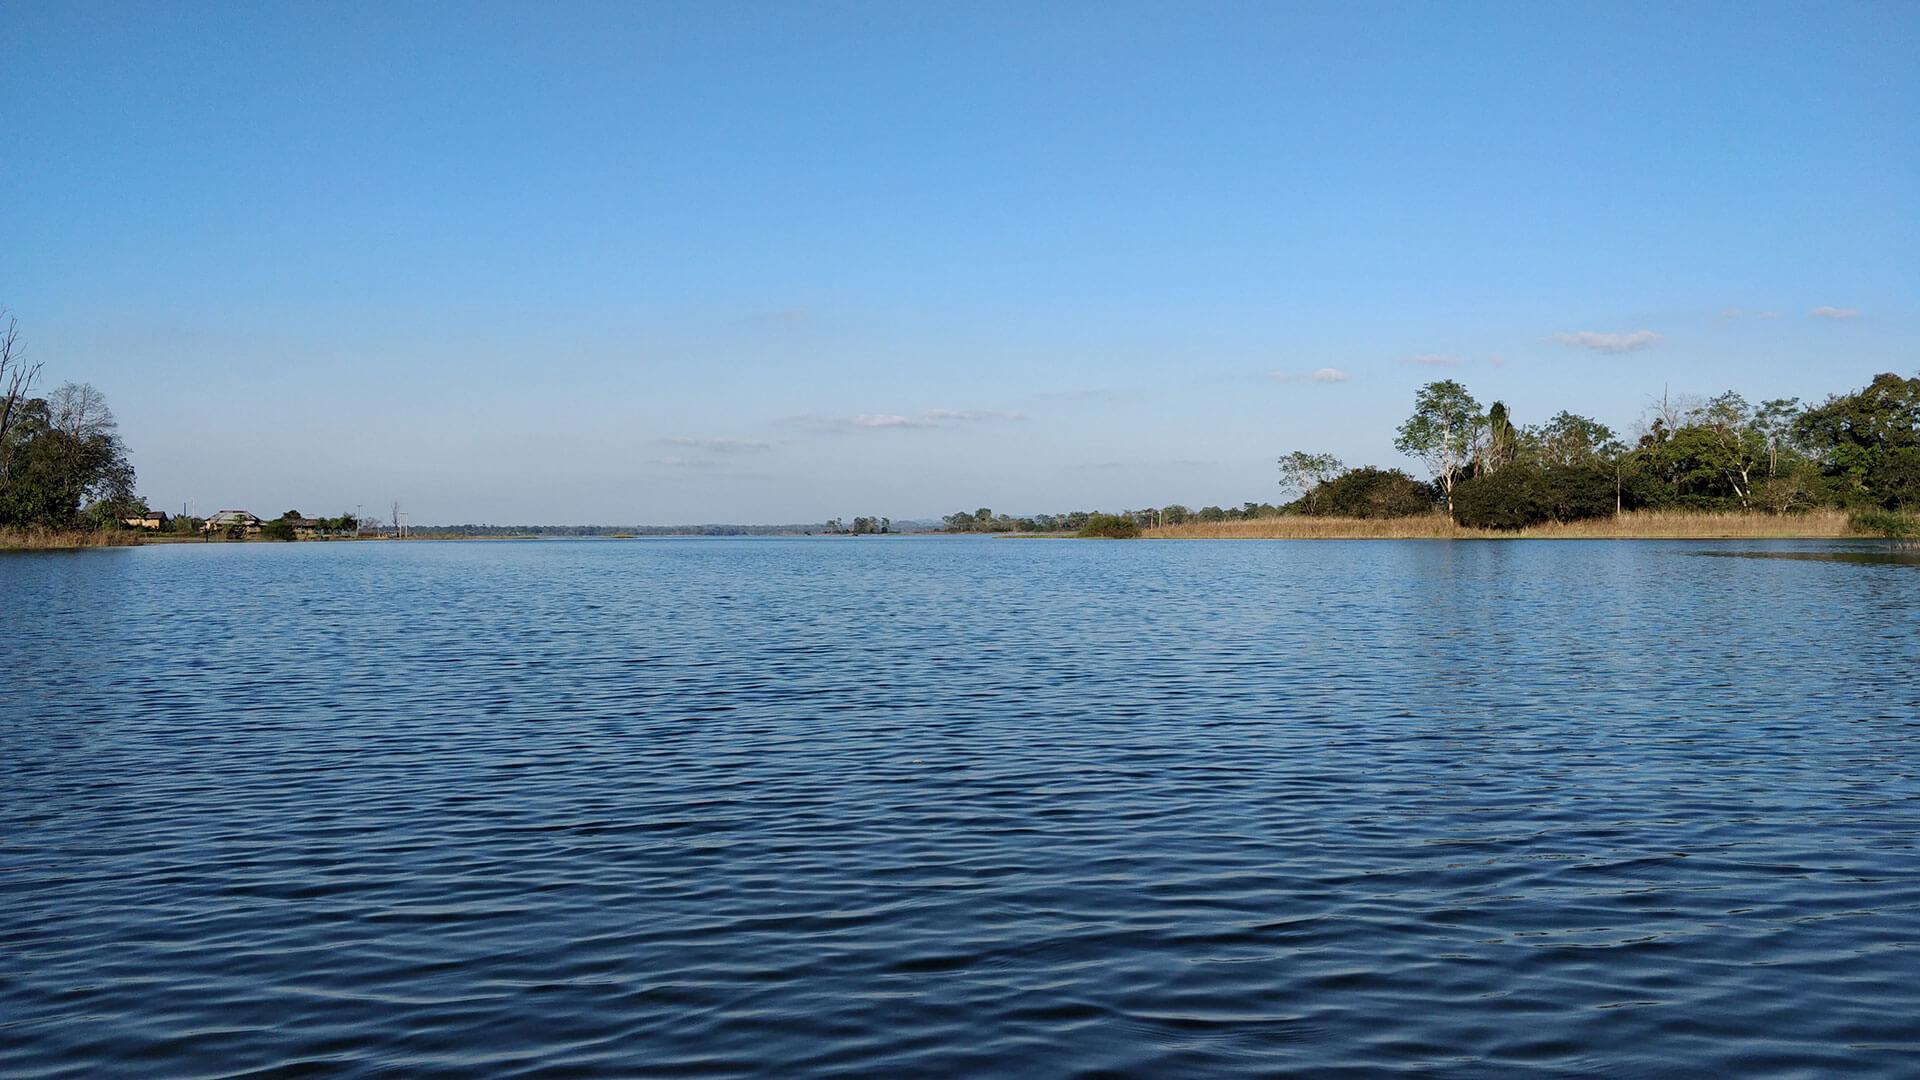 Dumboor Lake